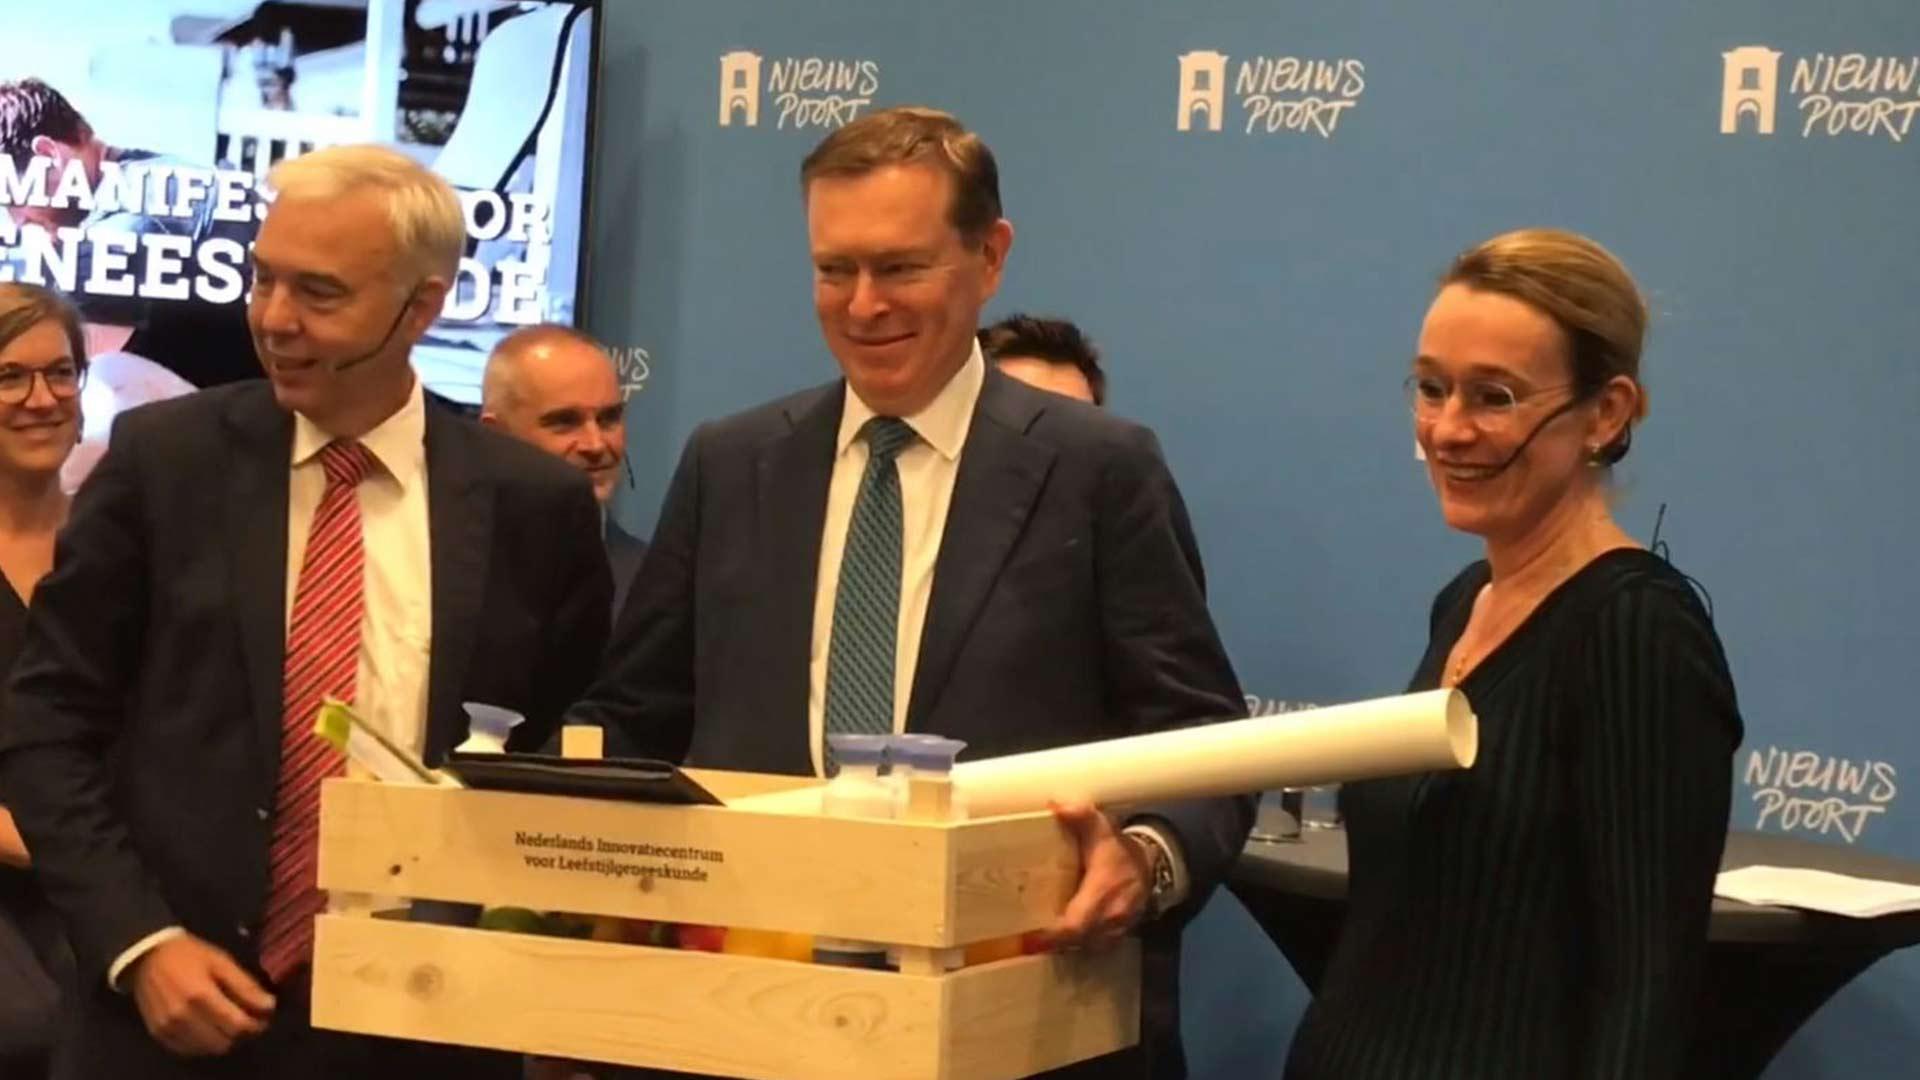 Het manifest voor Leefstijlgeneeskunde overhandigen aan Minister Bruins